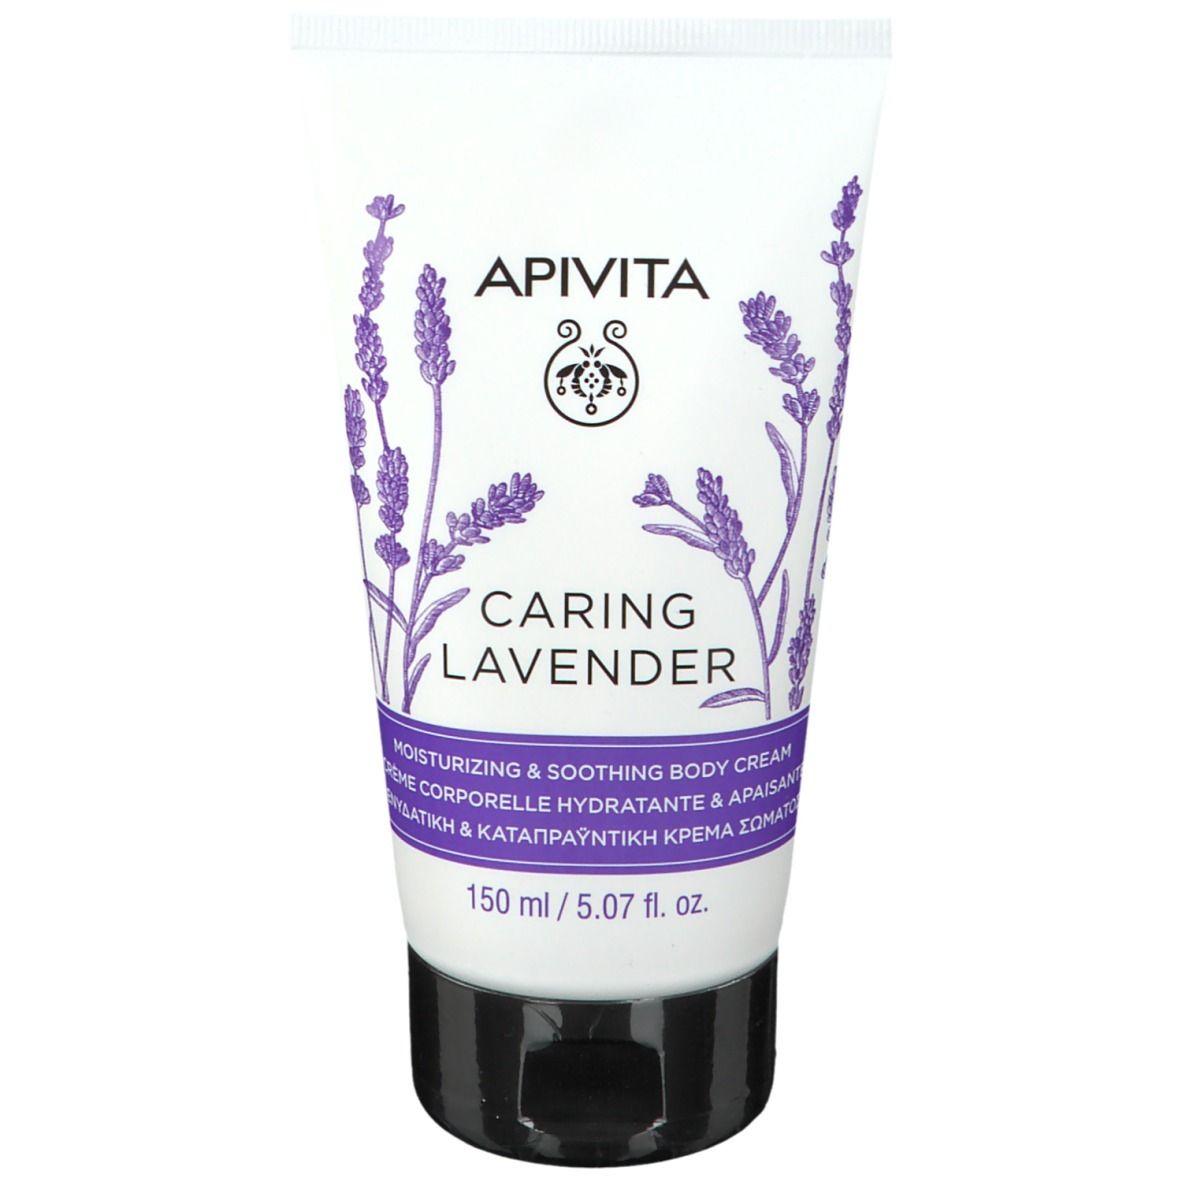 Image of APIVITA Caring Lavender Feuchtigkeitsspendende & entspannende Körpercreme